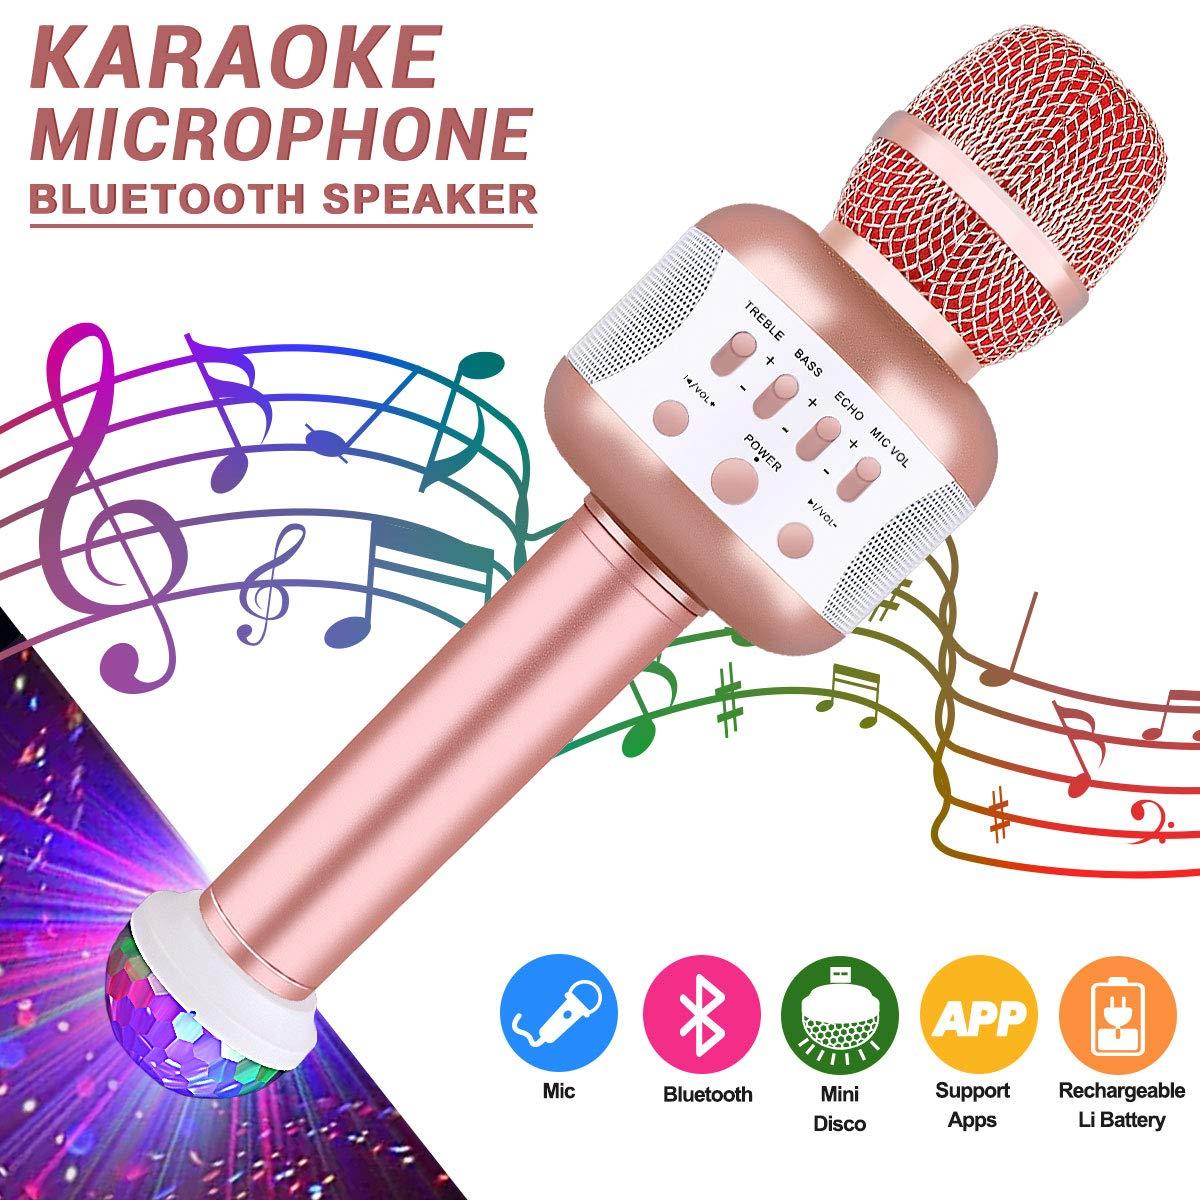 ディスコライト付きマイク、カラオケマイクブルートゥースワイヤレス歌手用PC、Iphone、Ipad、Androidパーティーキッズ(ローズ) B078YNG9D4